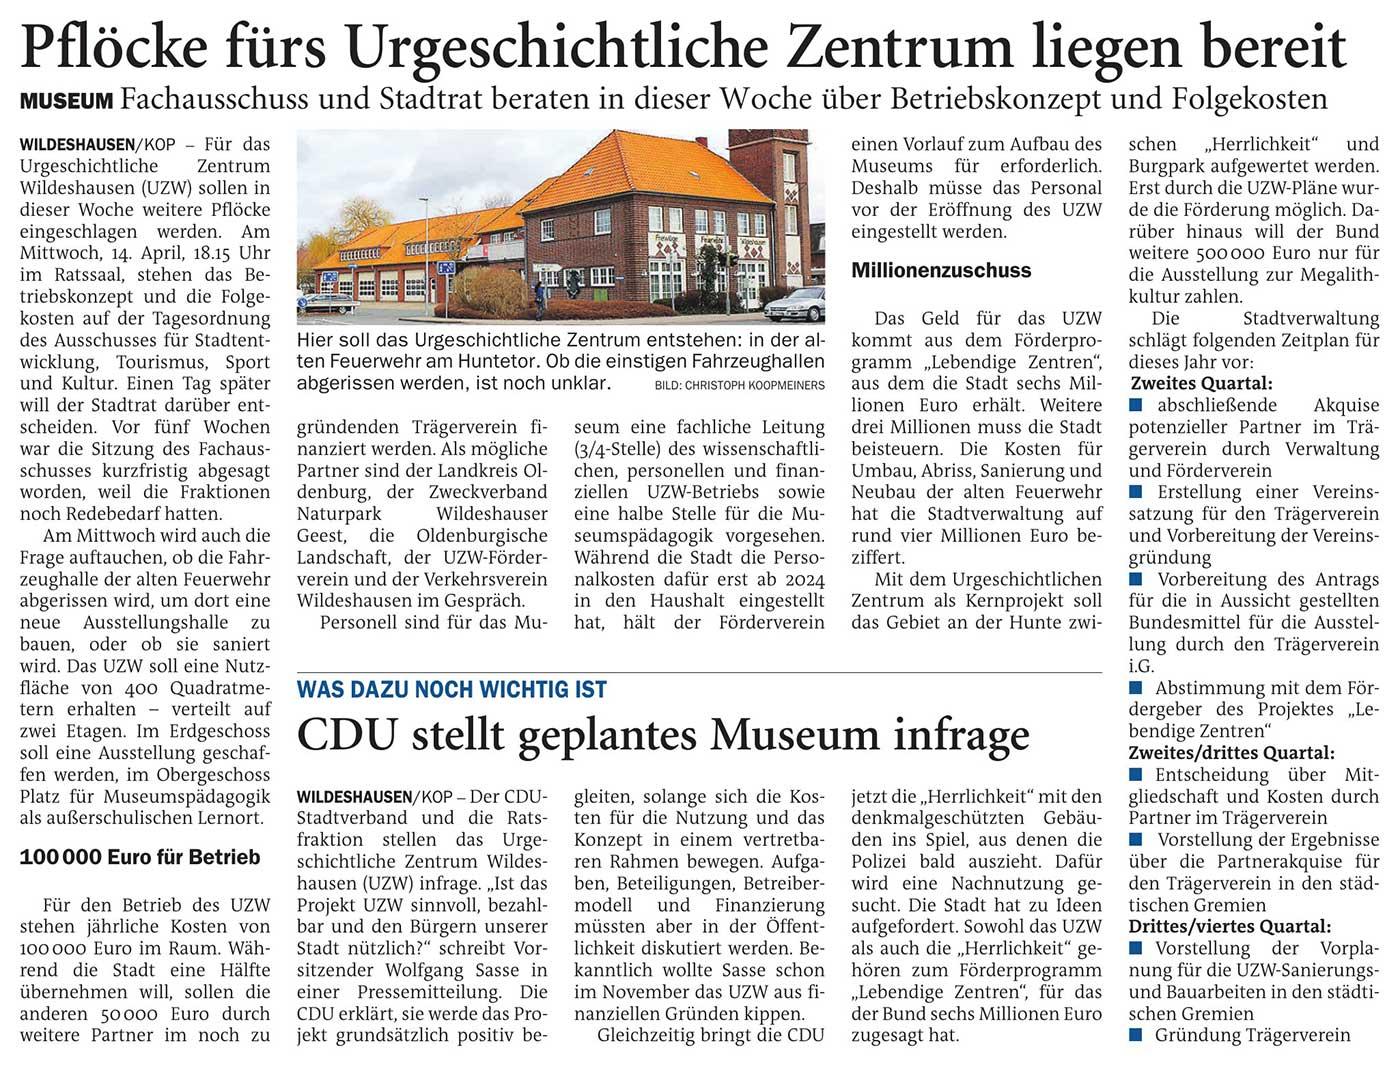 Pflöcke fürs Urgeschichtliche Zentrum liegen bereitMuseum: Fachausschuss und Stadtrat beraten in dieser Woche über Betriebskonzept und FolgekostenArtikel vom 13.04.2021 (NWZ)